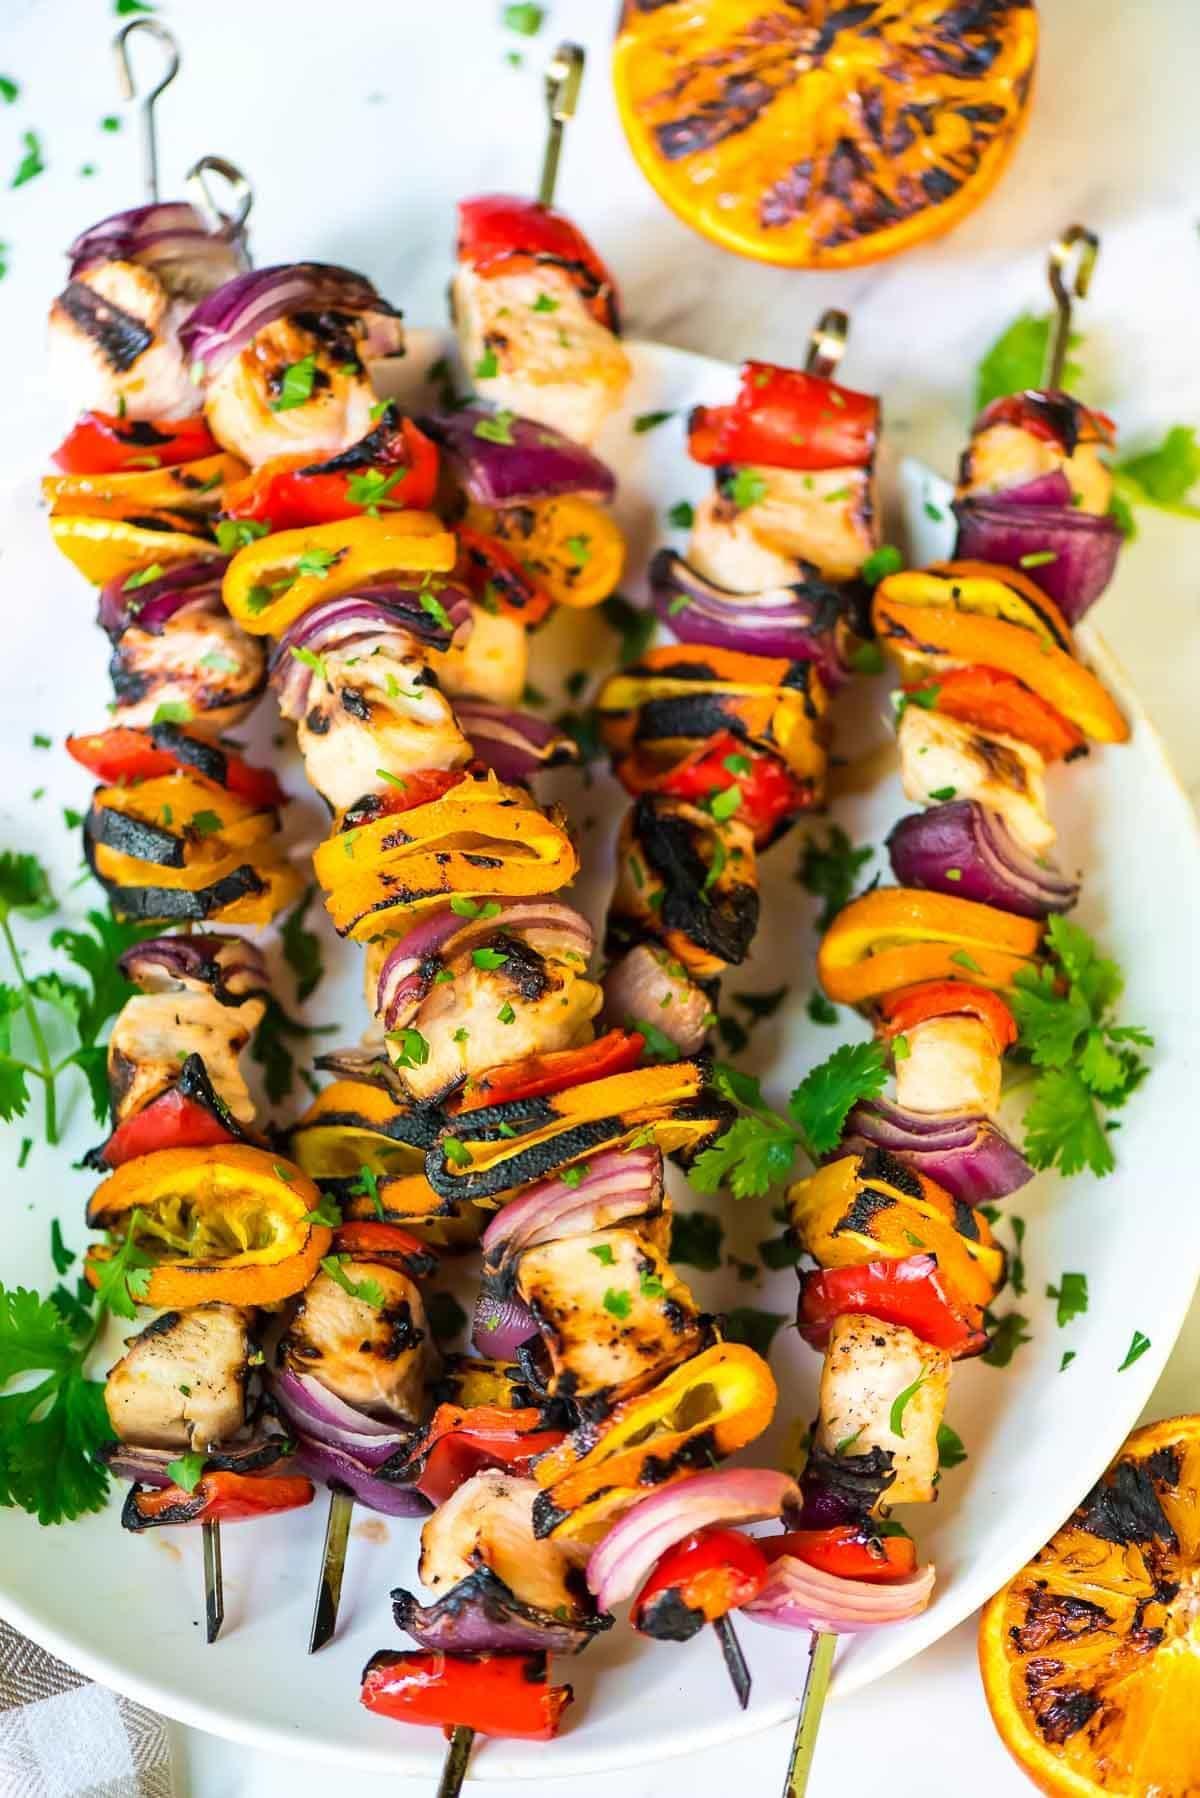 Orange chicken kabobs with vegetables